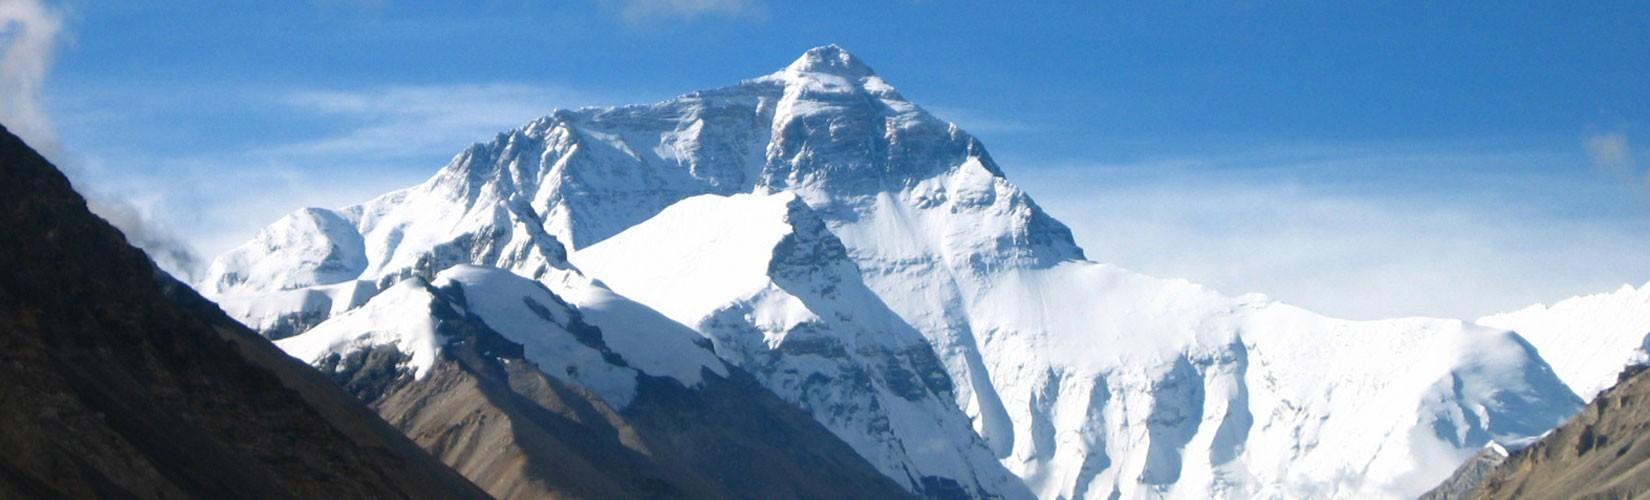 Tibet EBC Tour